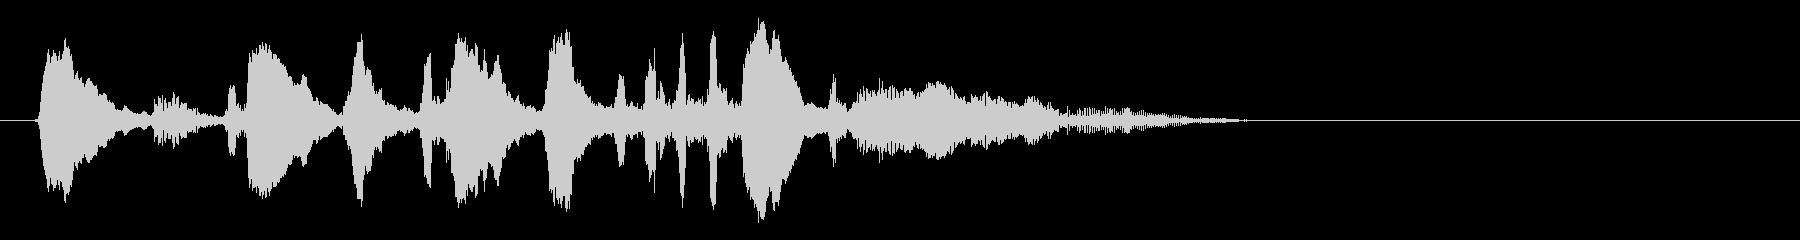 フレンチホーンビューグルコール;ラ...の未再生の波形